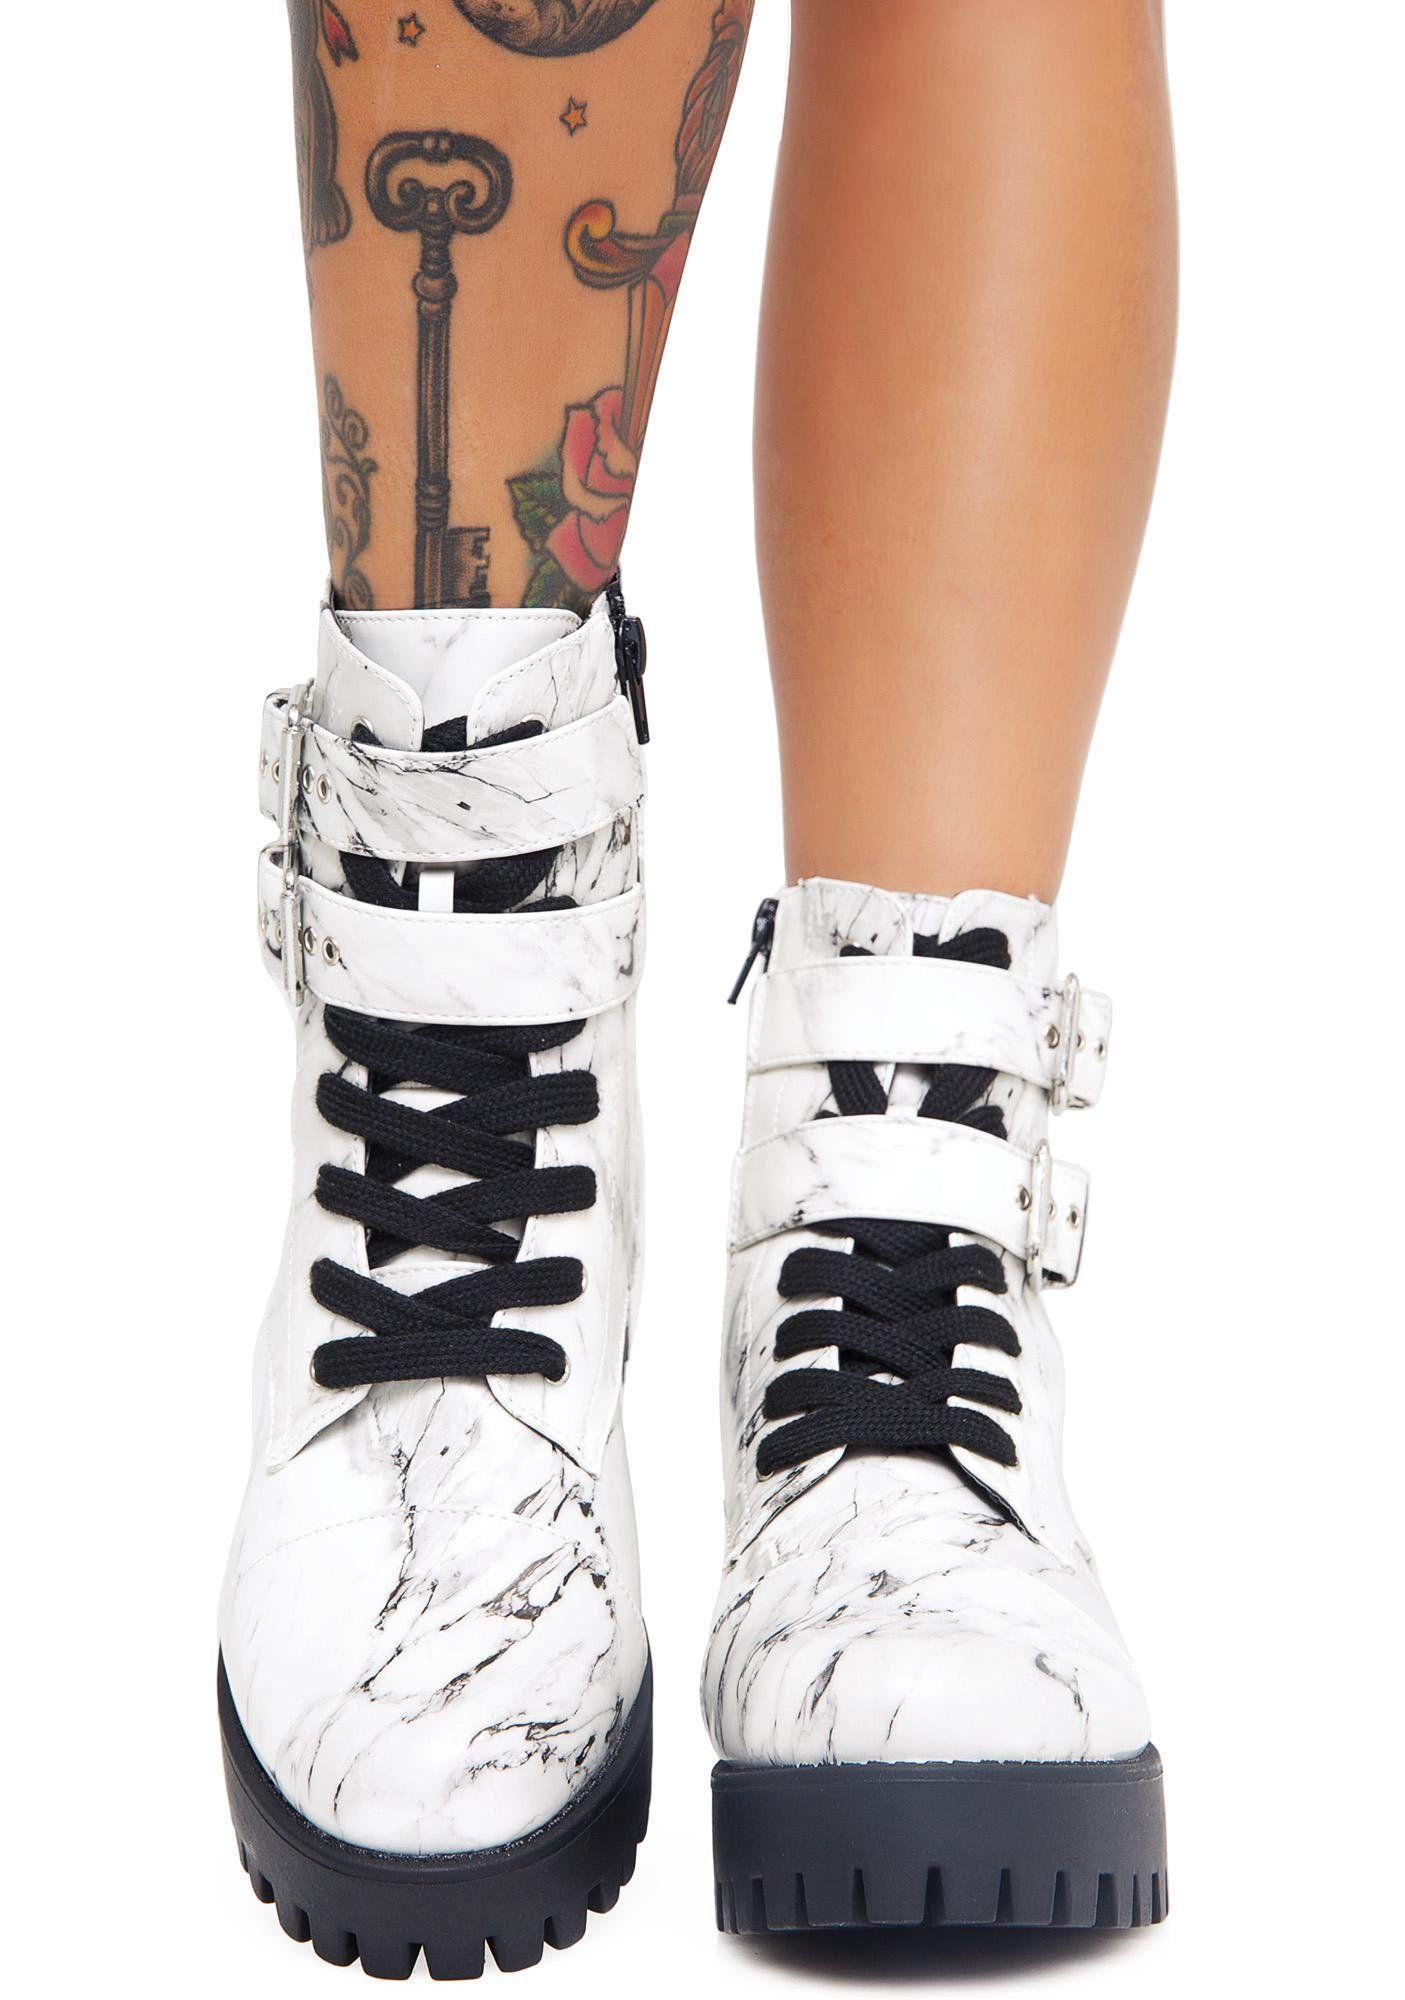 772717908a15 Puma Shoes Basket cool vans shoes.Formal Shoes Ankle Straps shoes vintage  men.Sport Shoes Under Armour.